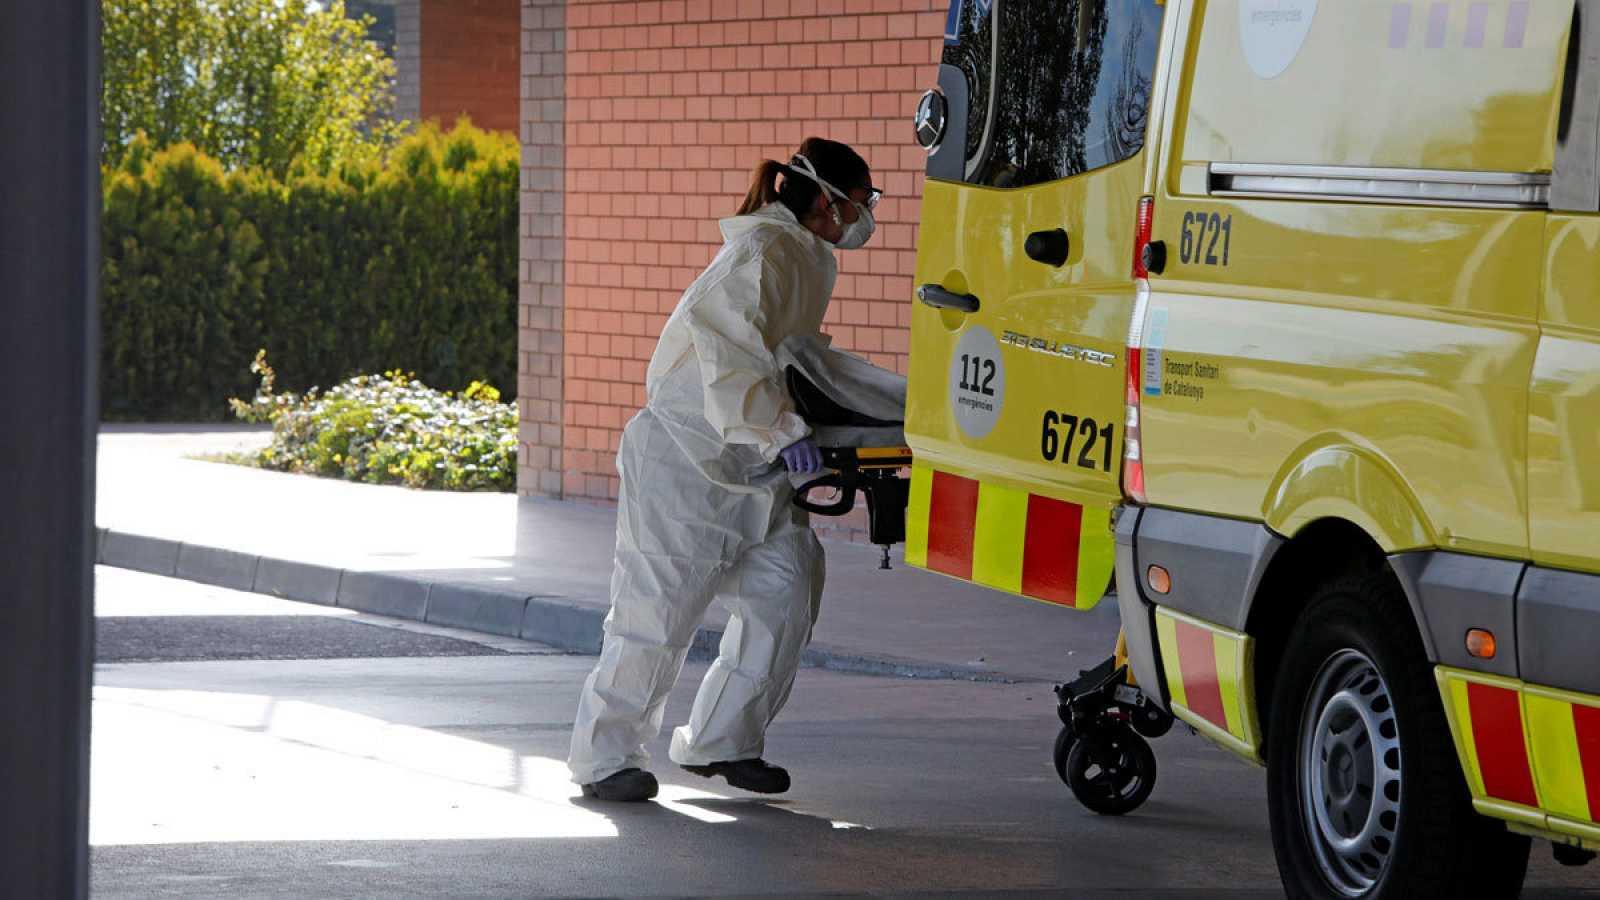 Una trabajadora de urgencias introduce una camilla en una ambulancia